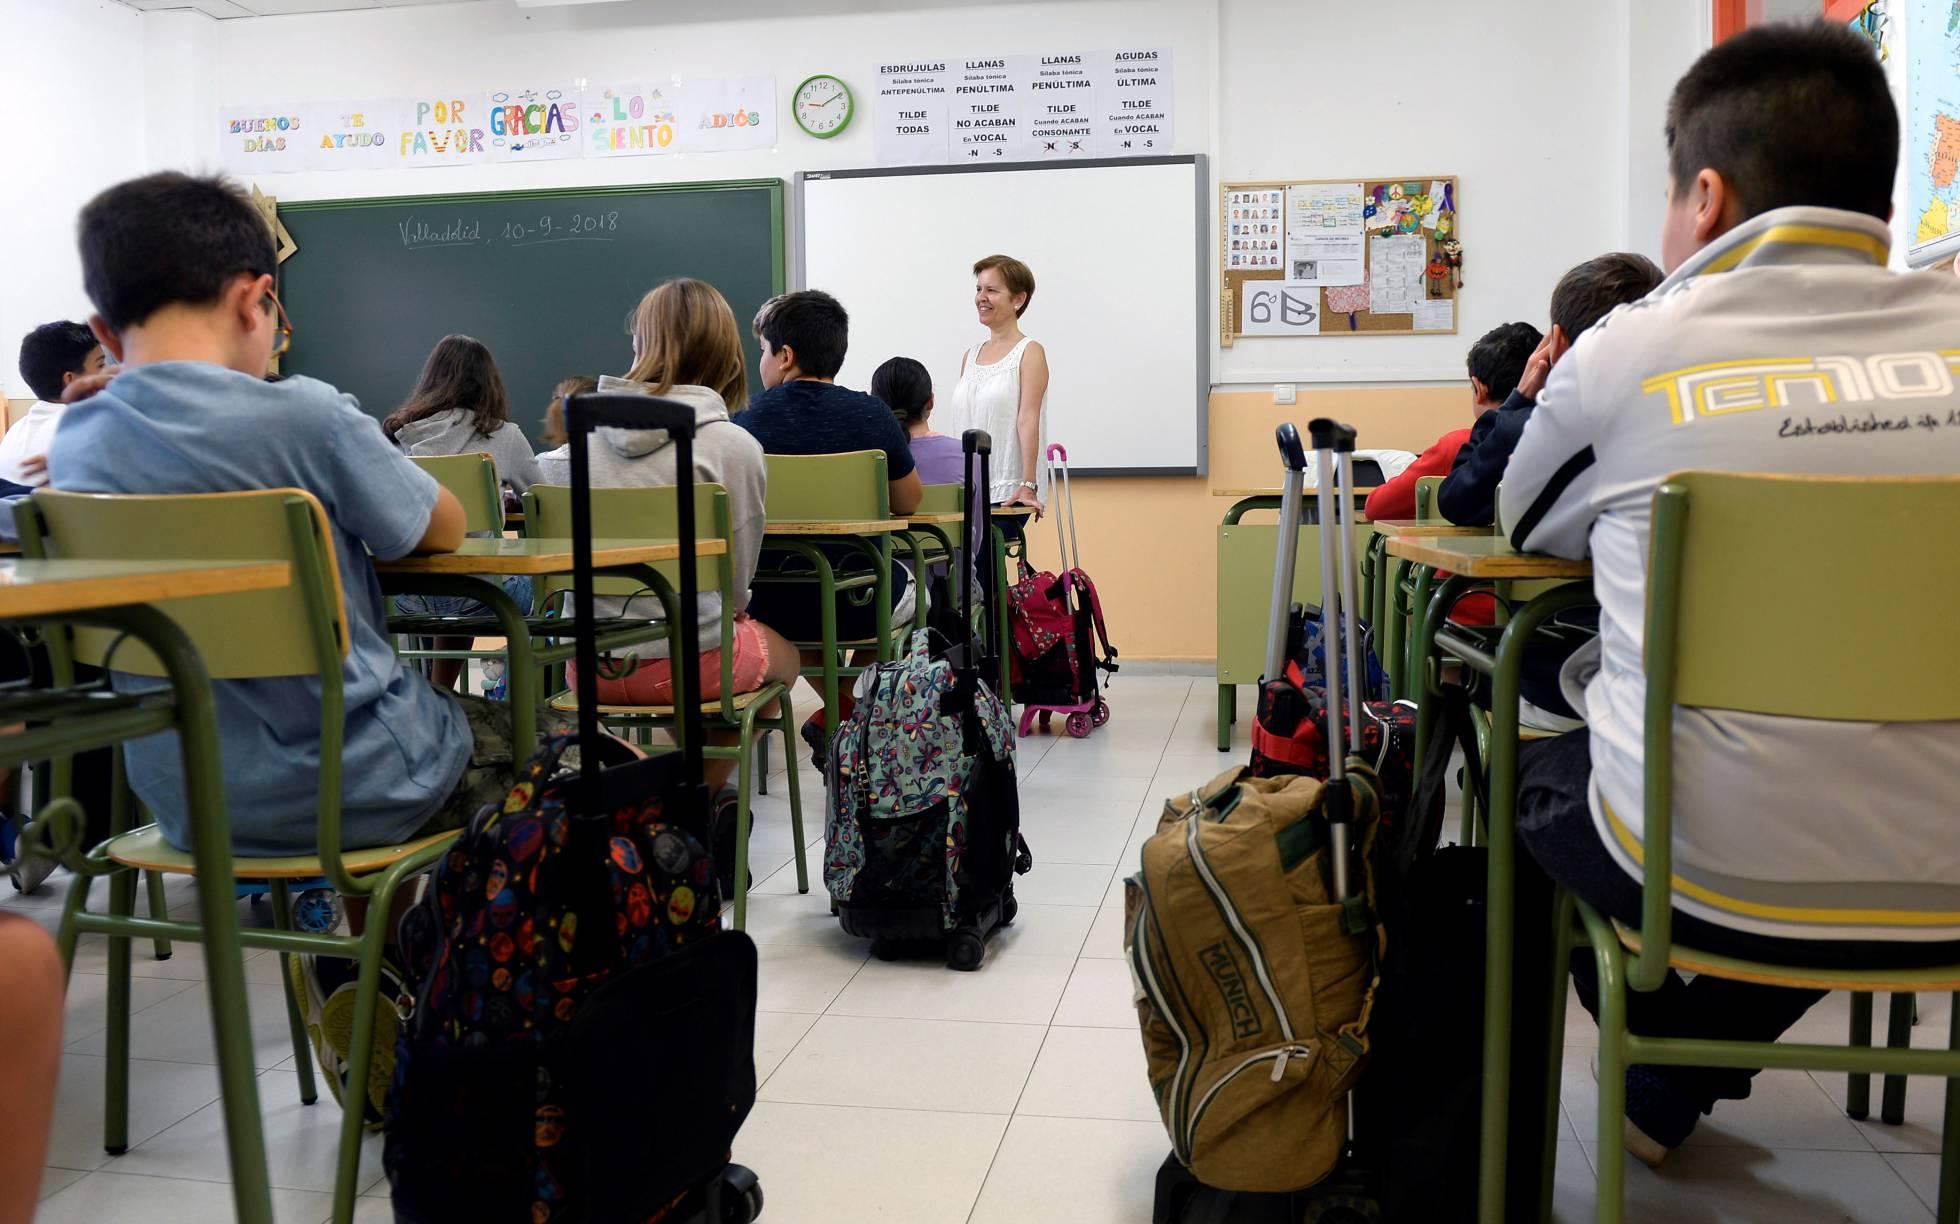 Alumnos de un centro público de Castilla y León. NACHO GALLEGO EFE